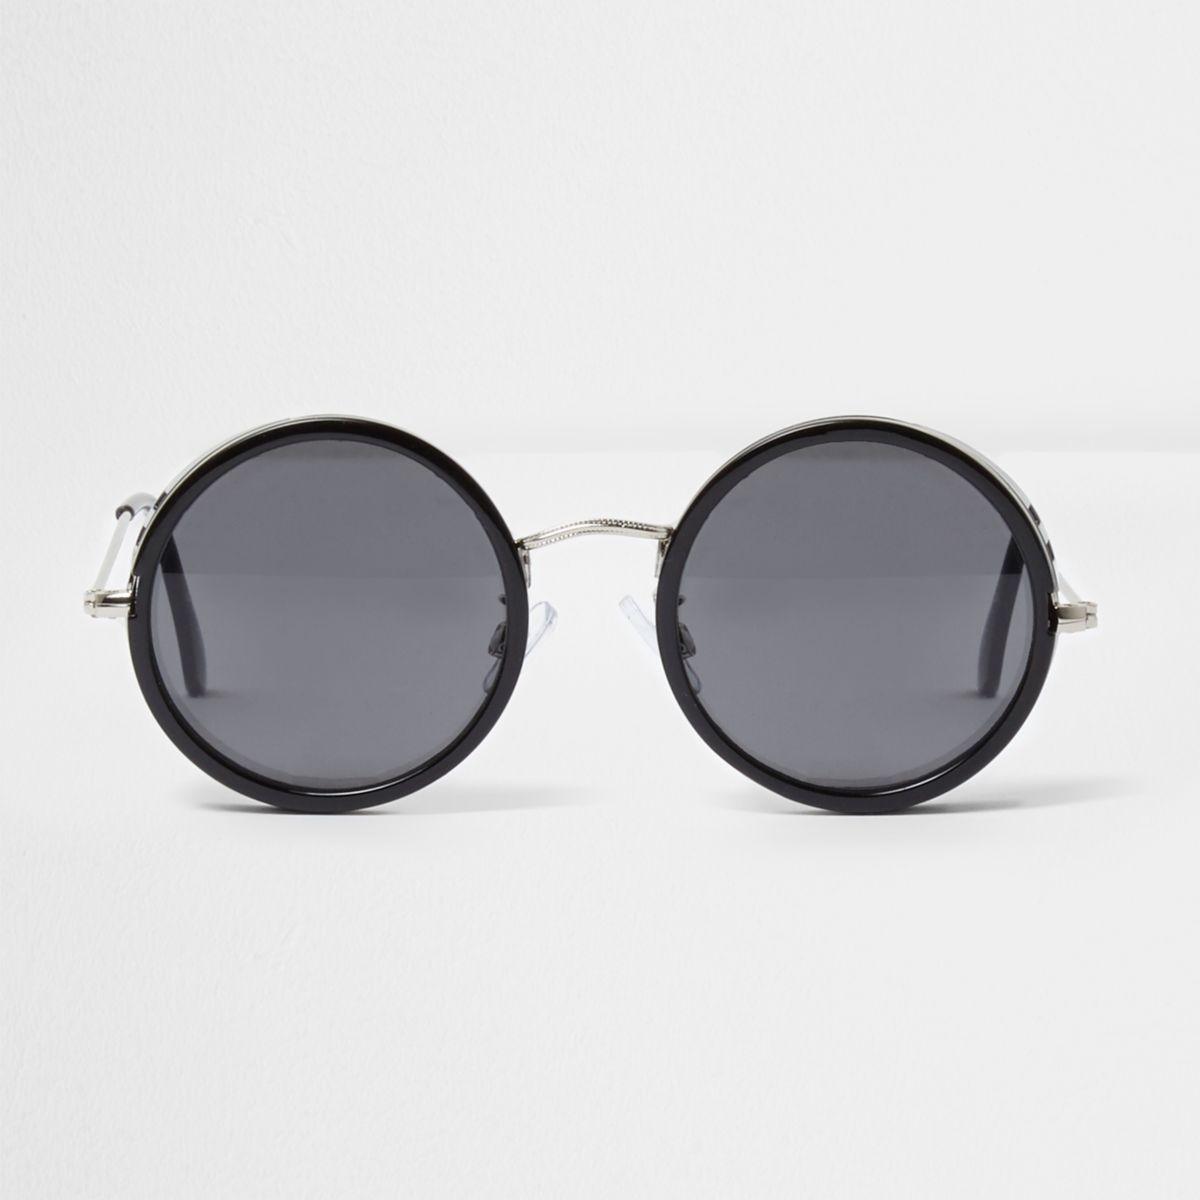 schwarze runde sonnenbrille holiday shop sale herren. Black Bedroom Furniture Sets. Home Design Ideas